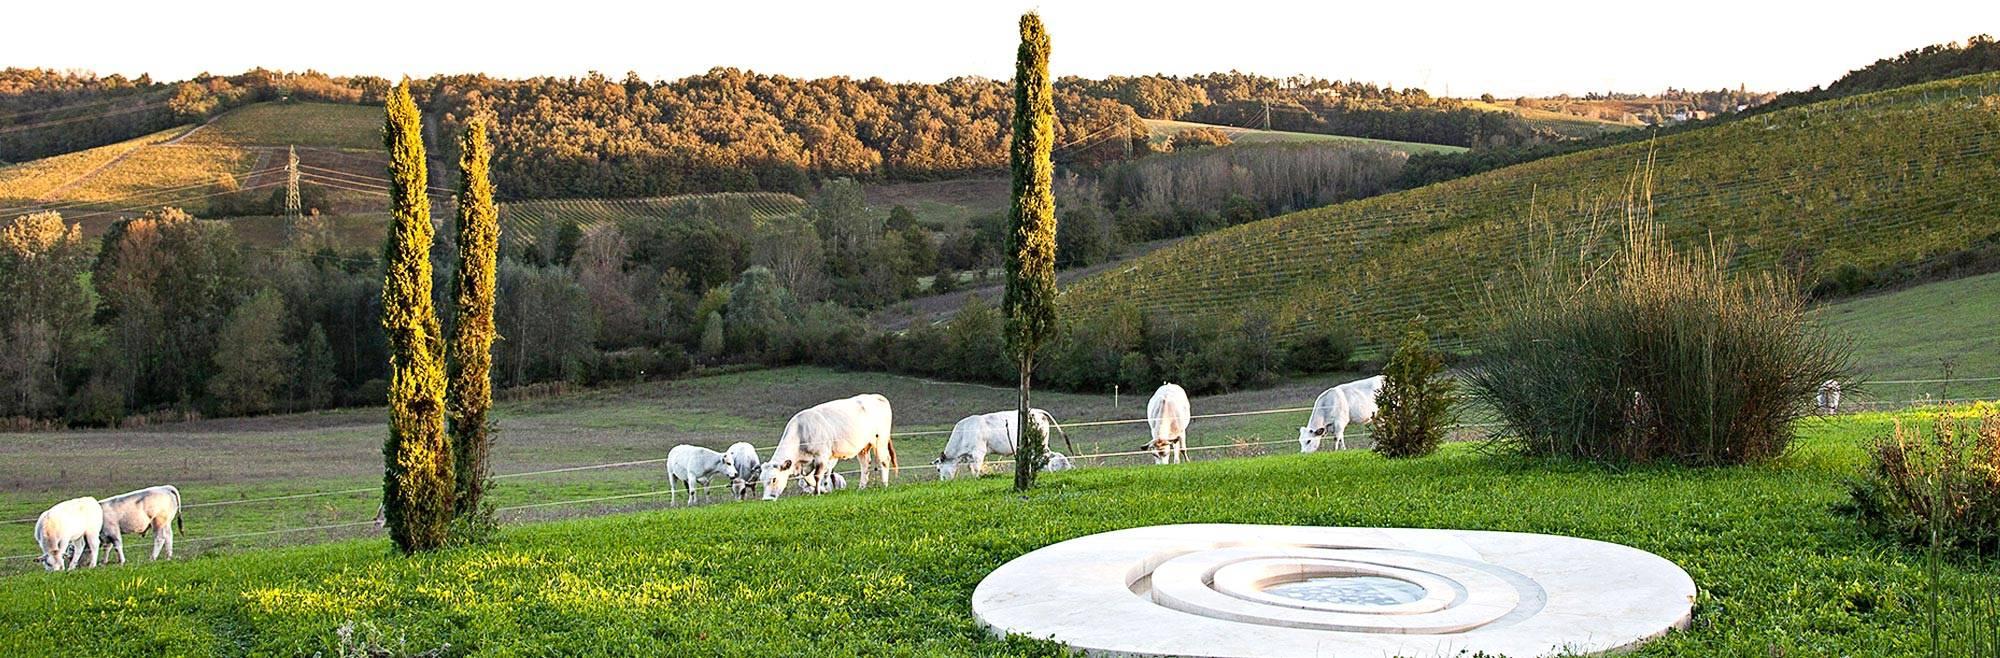 111 luoghi di Langhe, Roero e Monferrato da scoprire